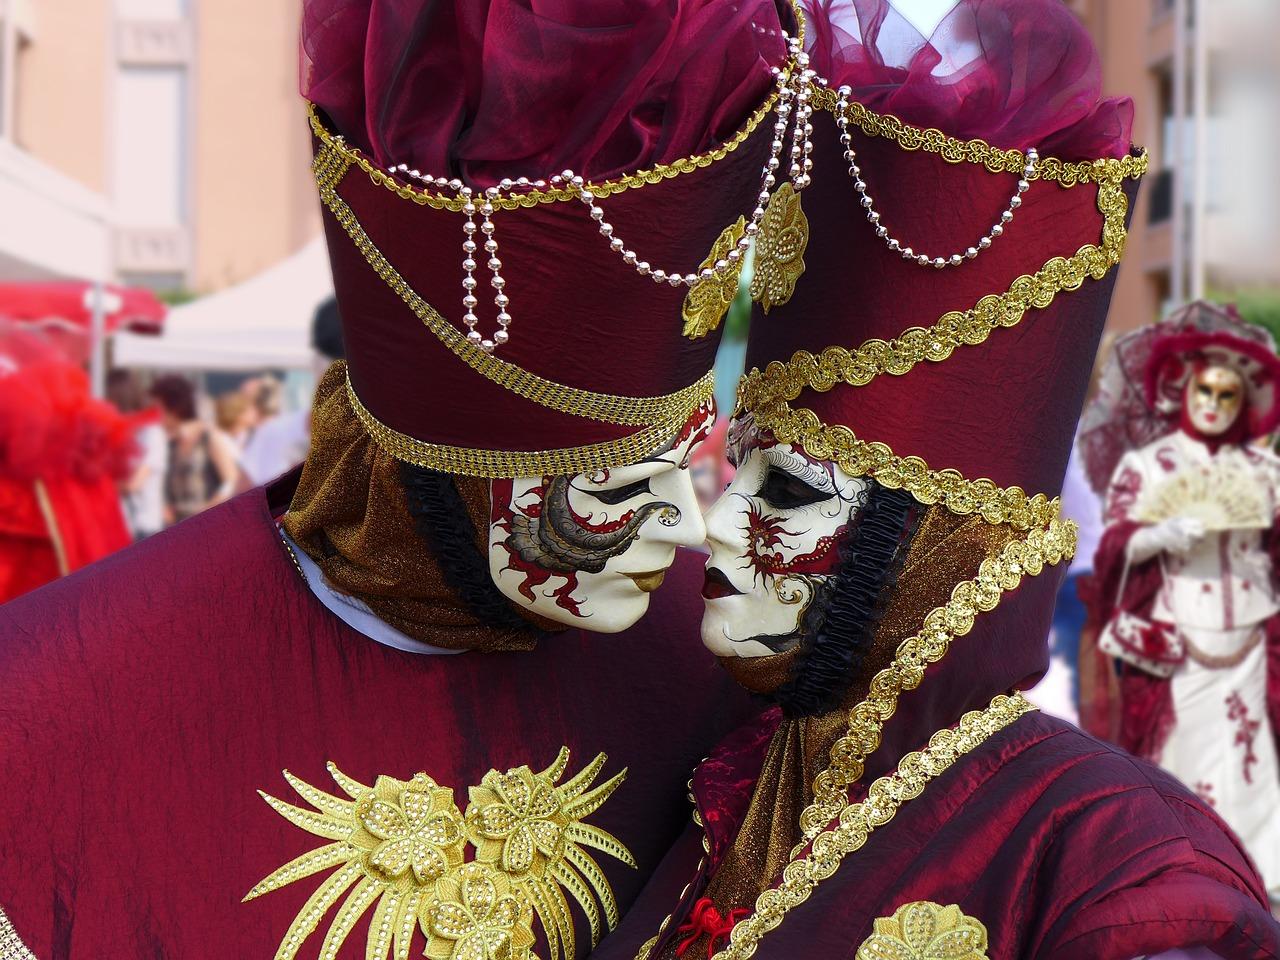 Wo feierst du Karneval in Venetien oder daheim